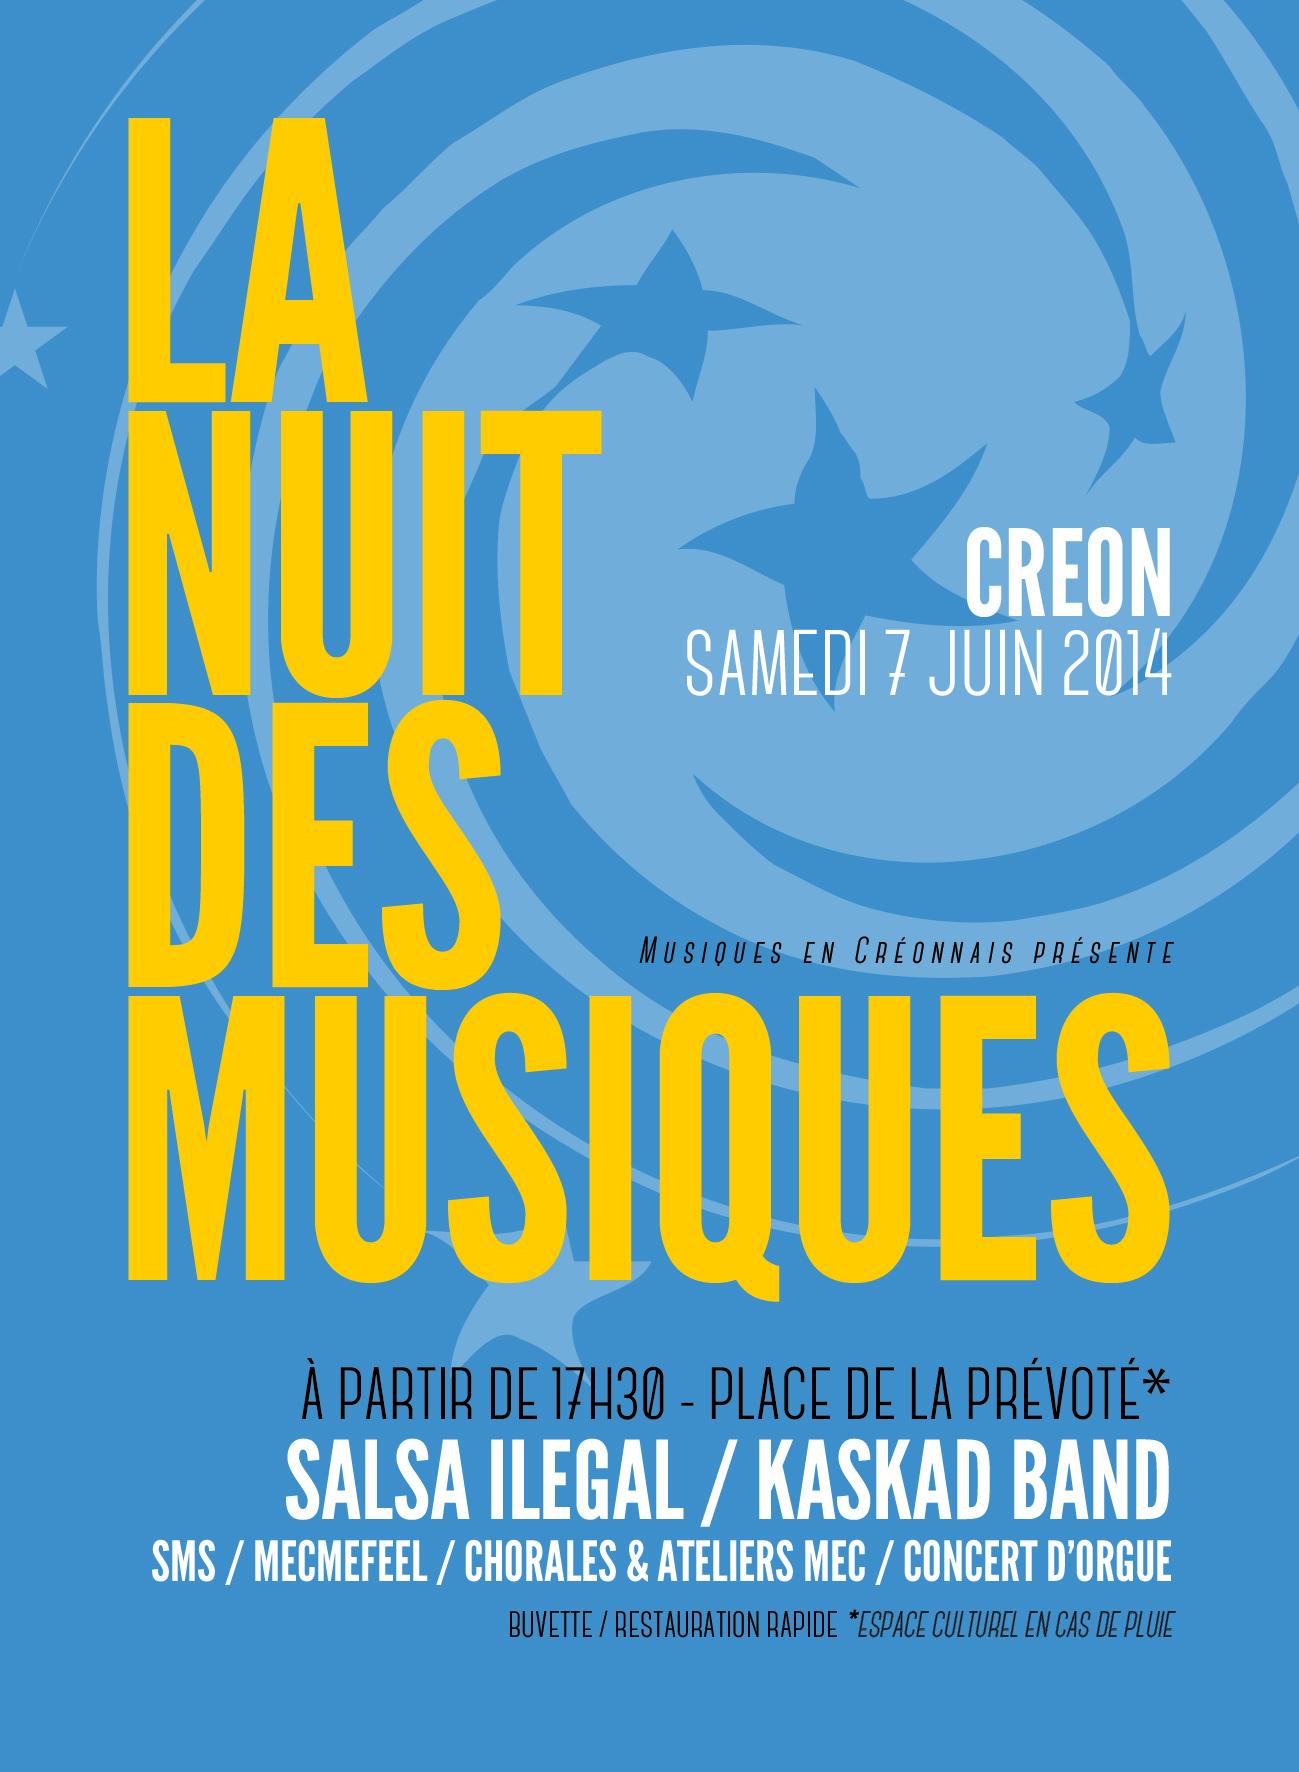 La nuit des musiques Créon 2014